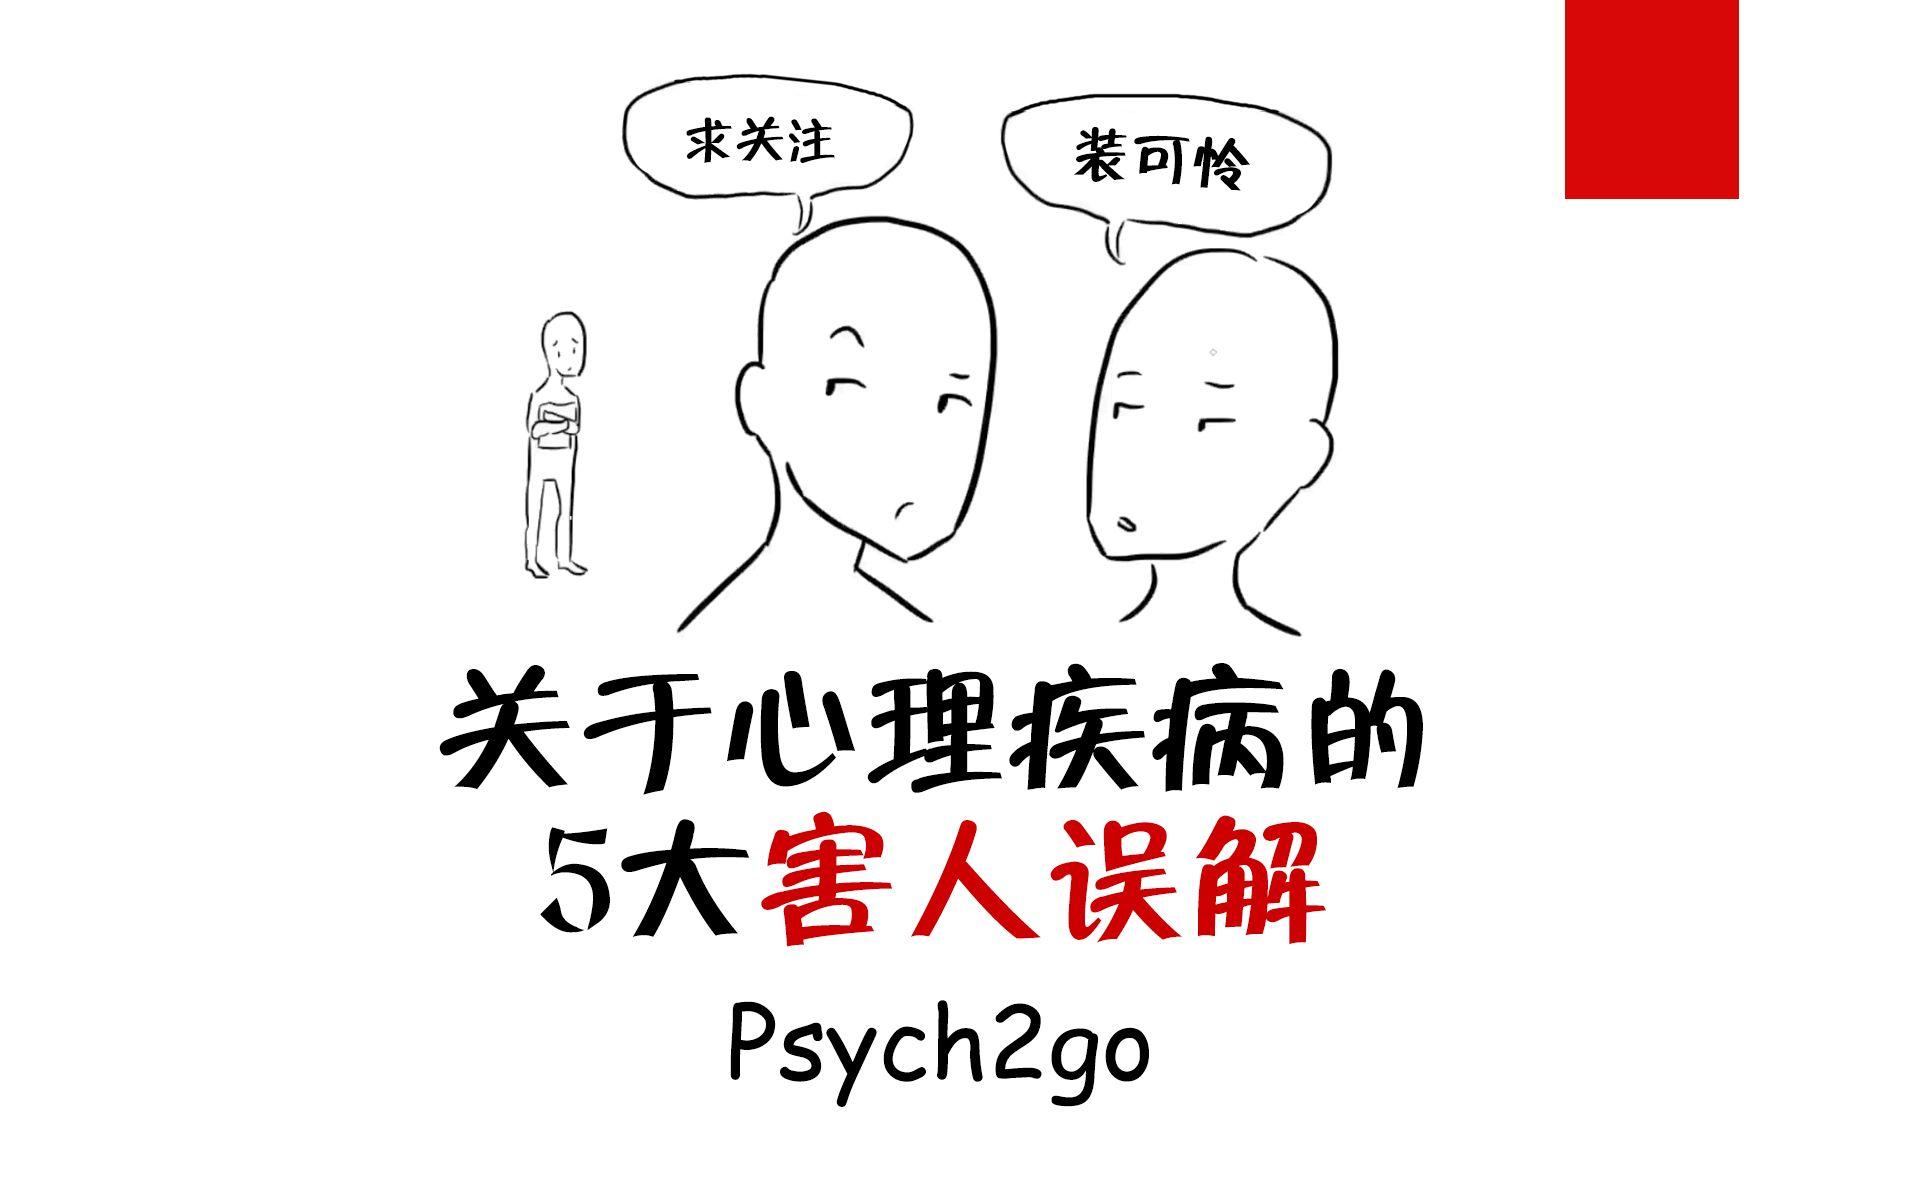 【心理学】关于心理疾病的5大害人误解